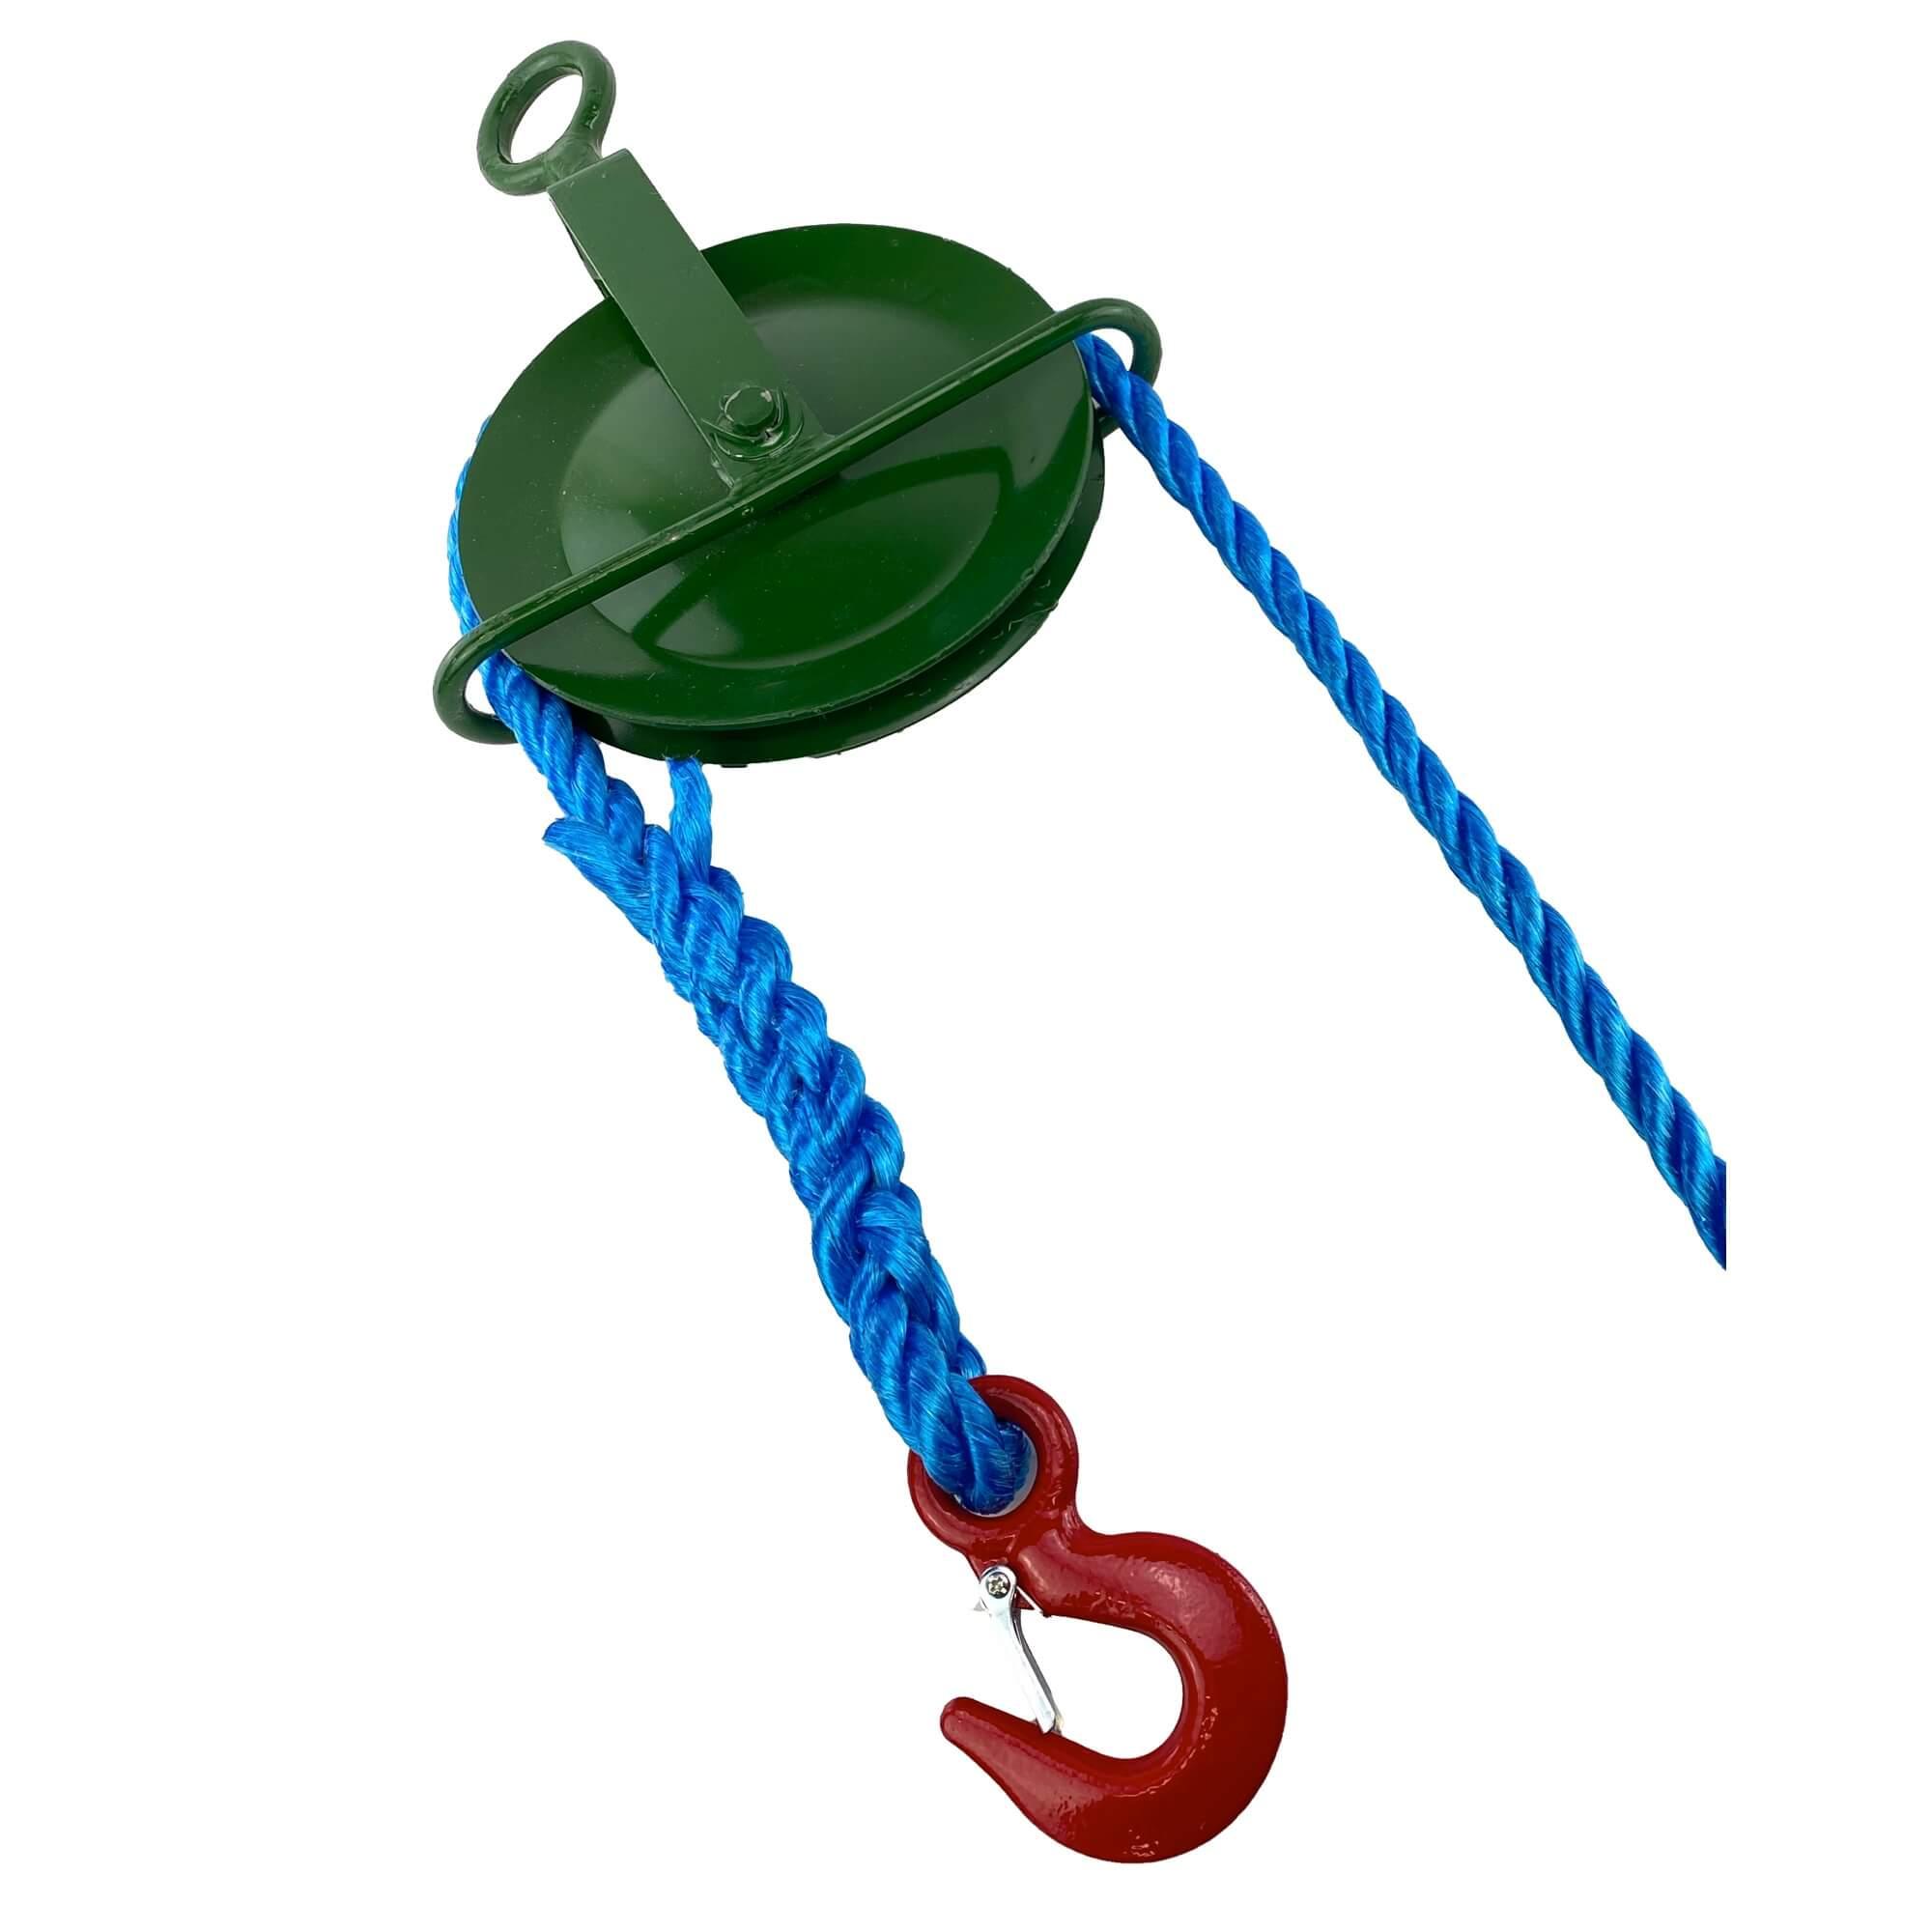 2 Tonne Safety Hook